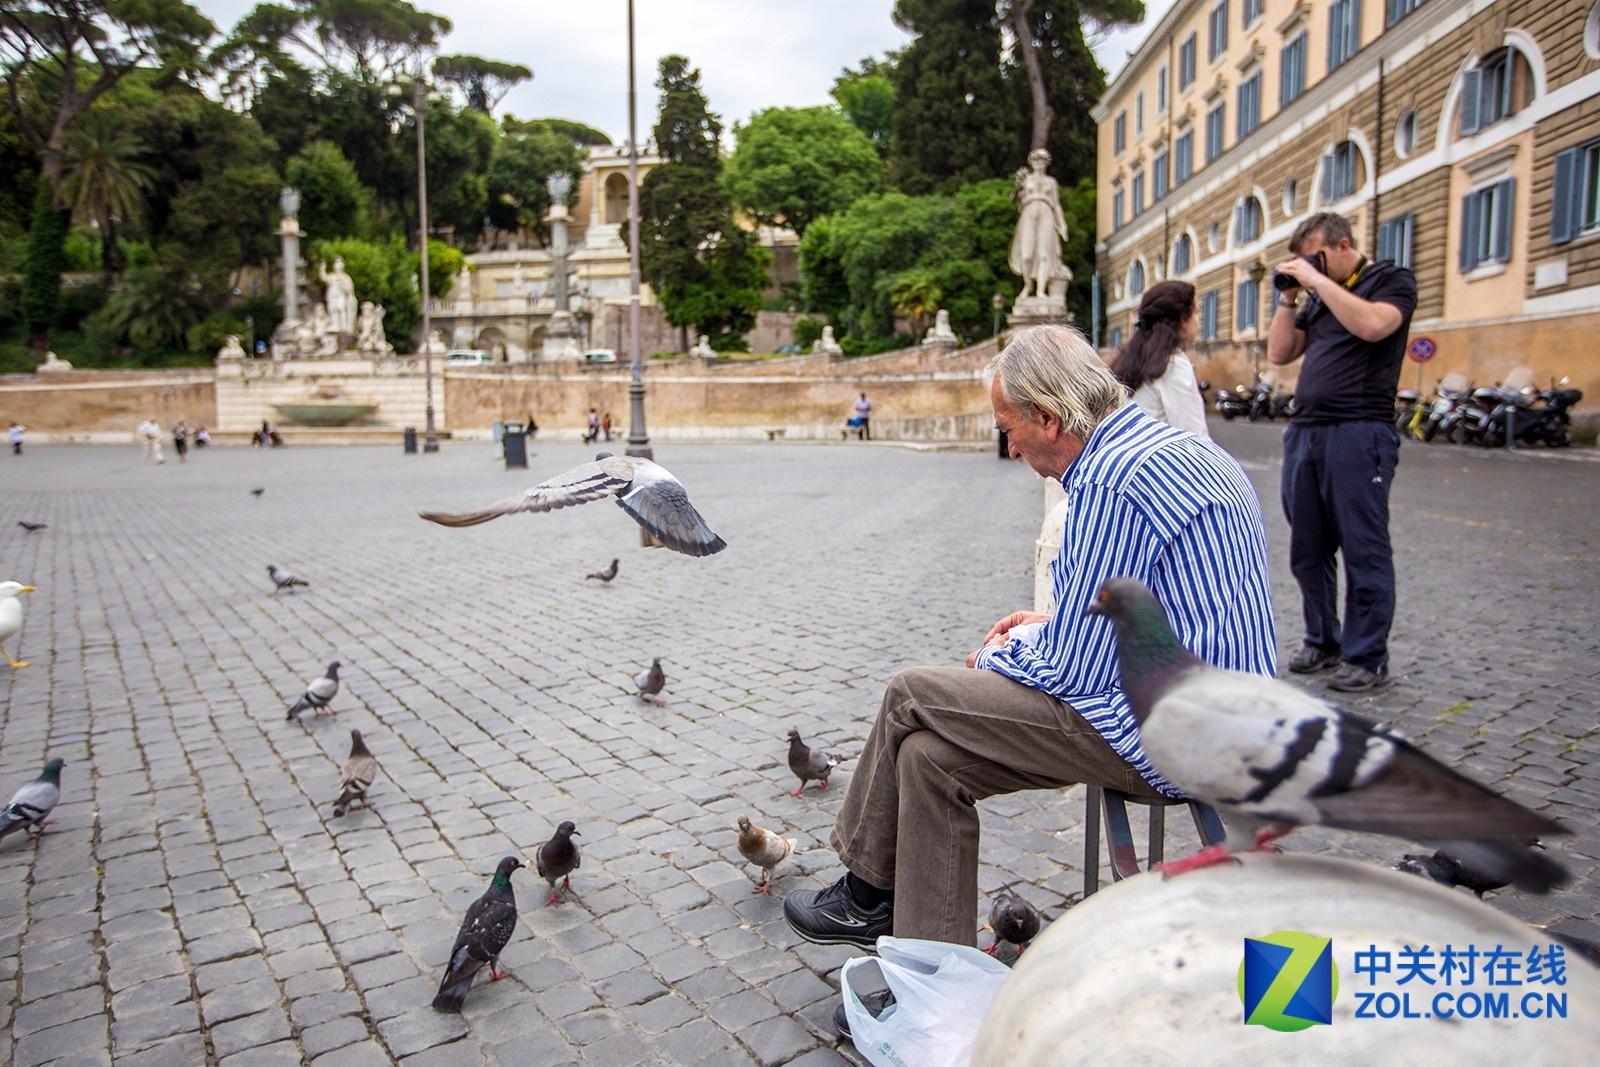 大C游世界 意大利的人民广场和